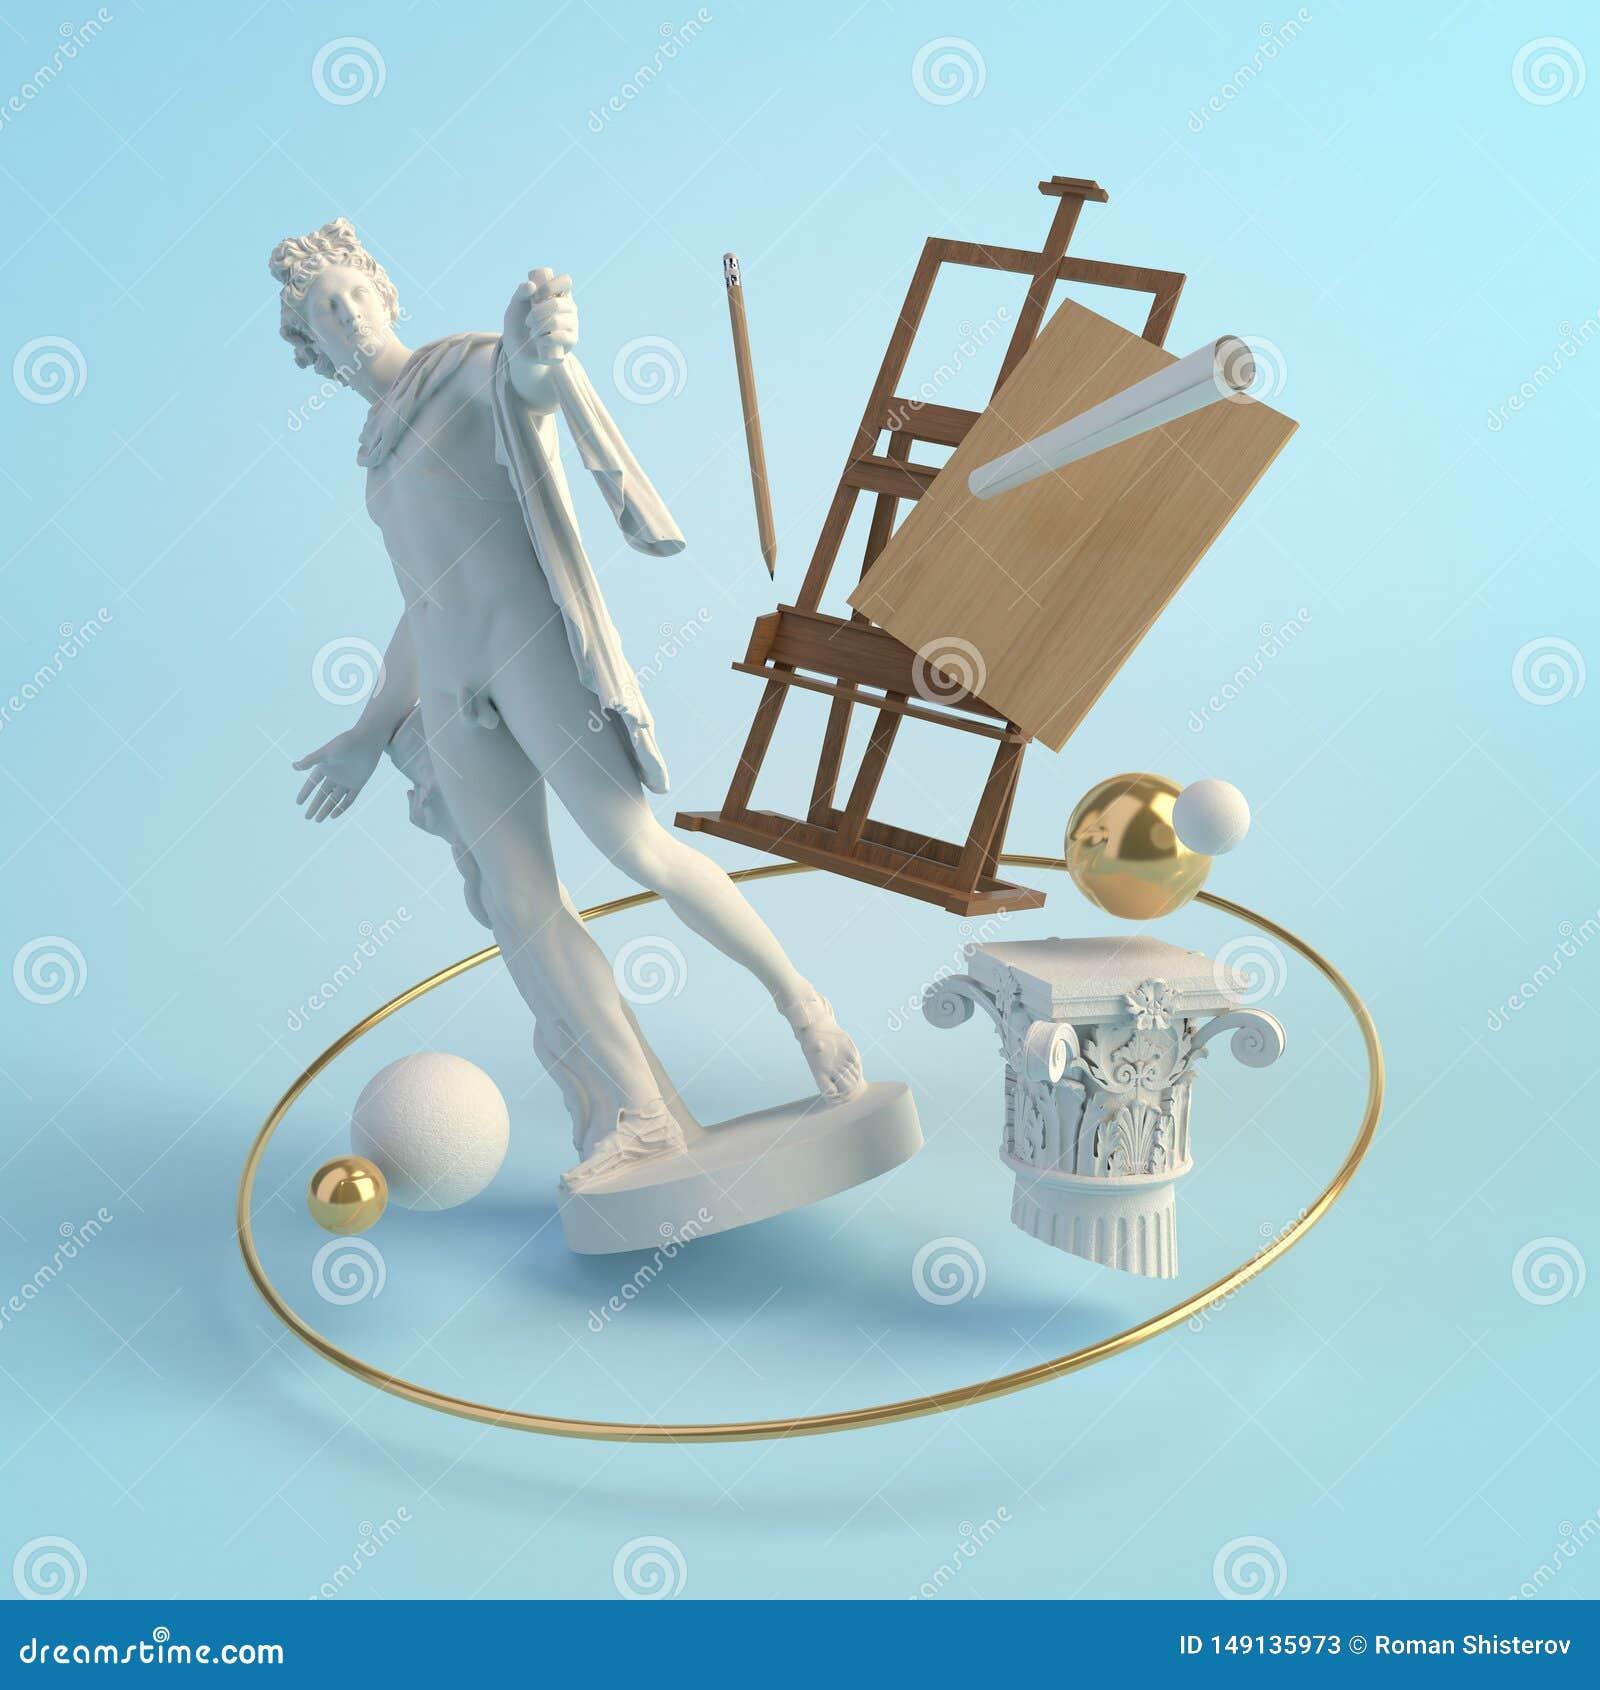 3d古老艺术的例证概念,阿波罗眺望楼,专栏,画架雕象,创造性